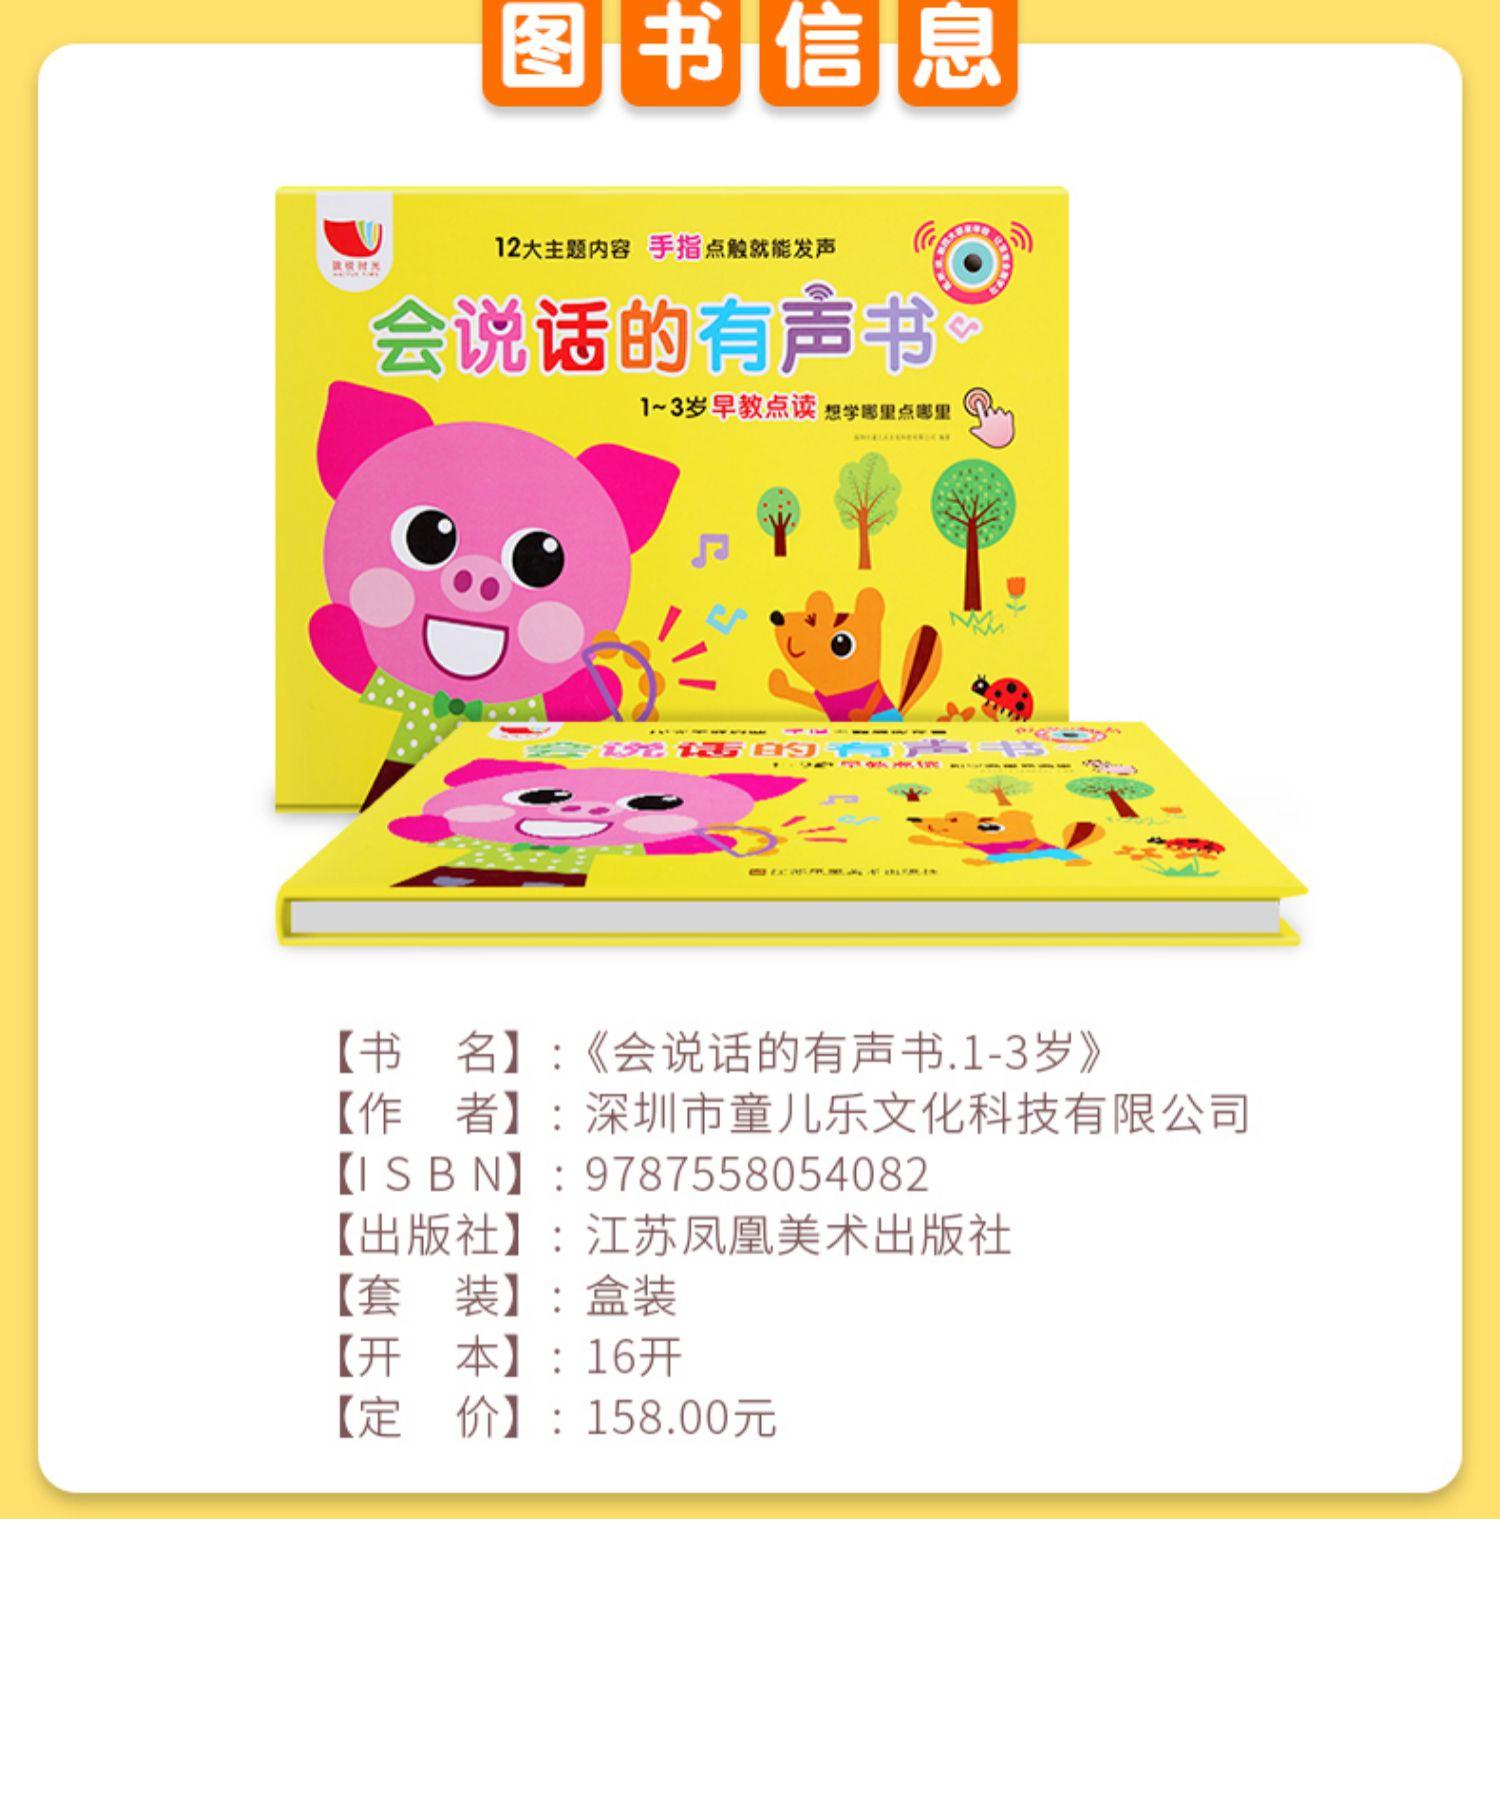 【双语版】0-3岁宝宝会说话的有声早教书 17